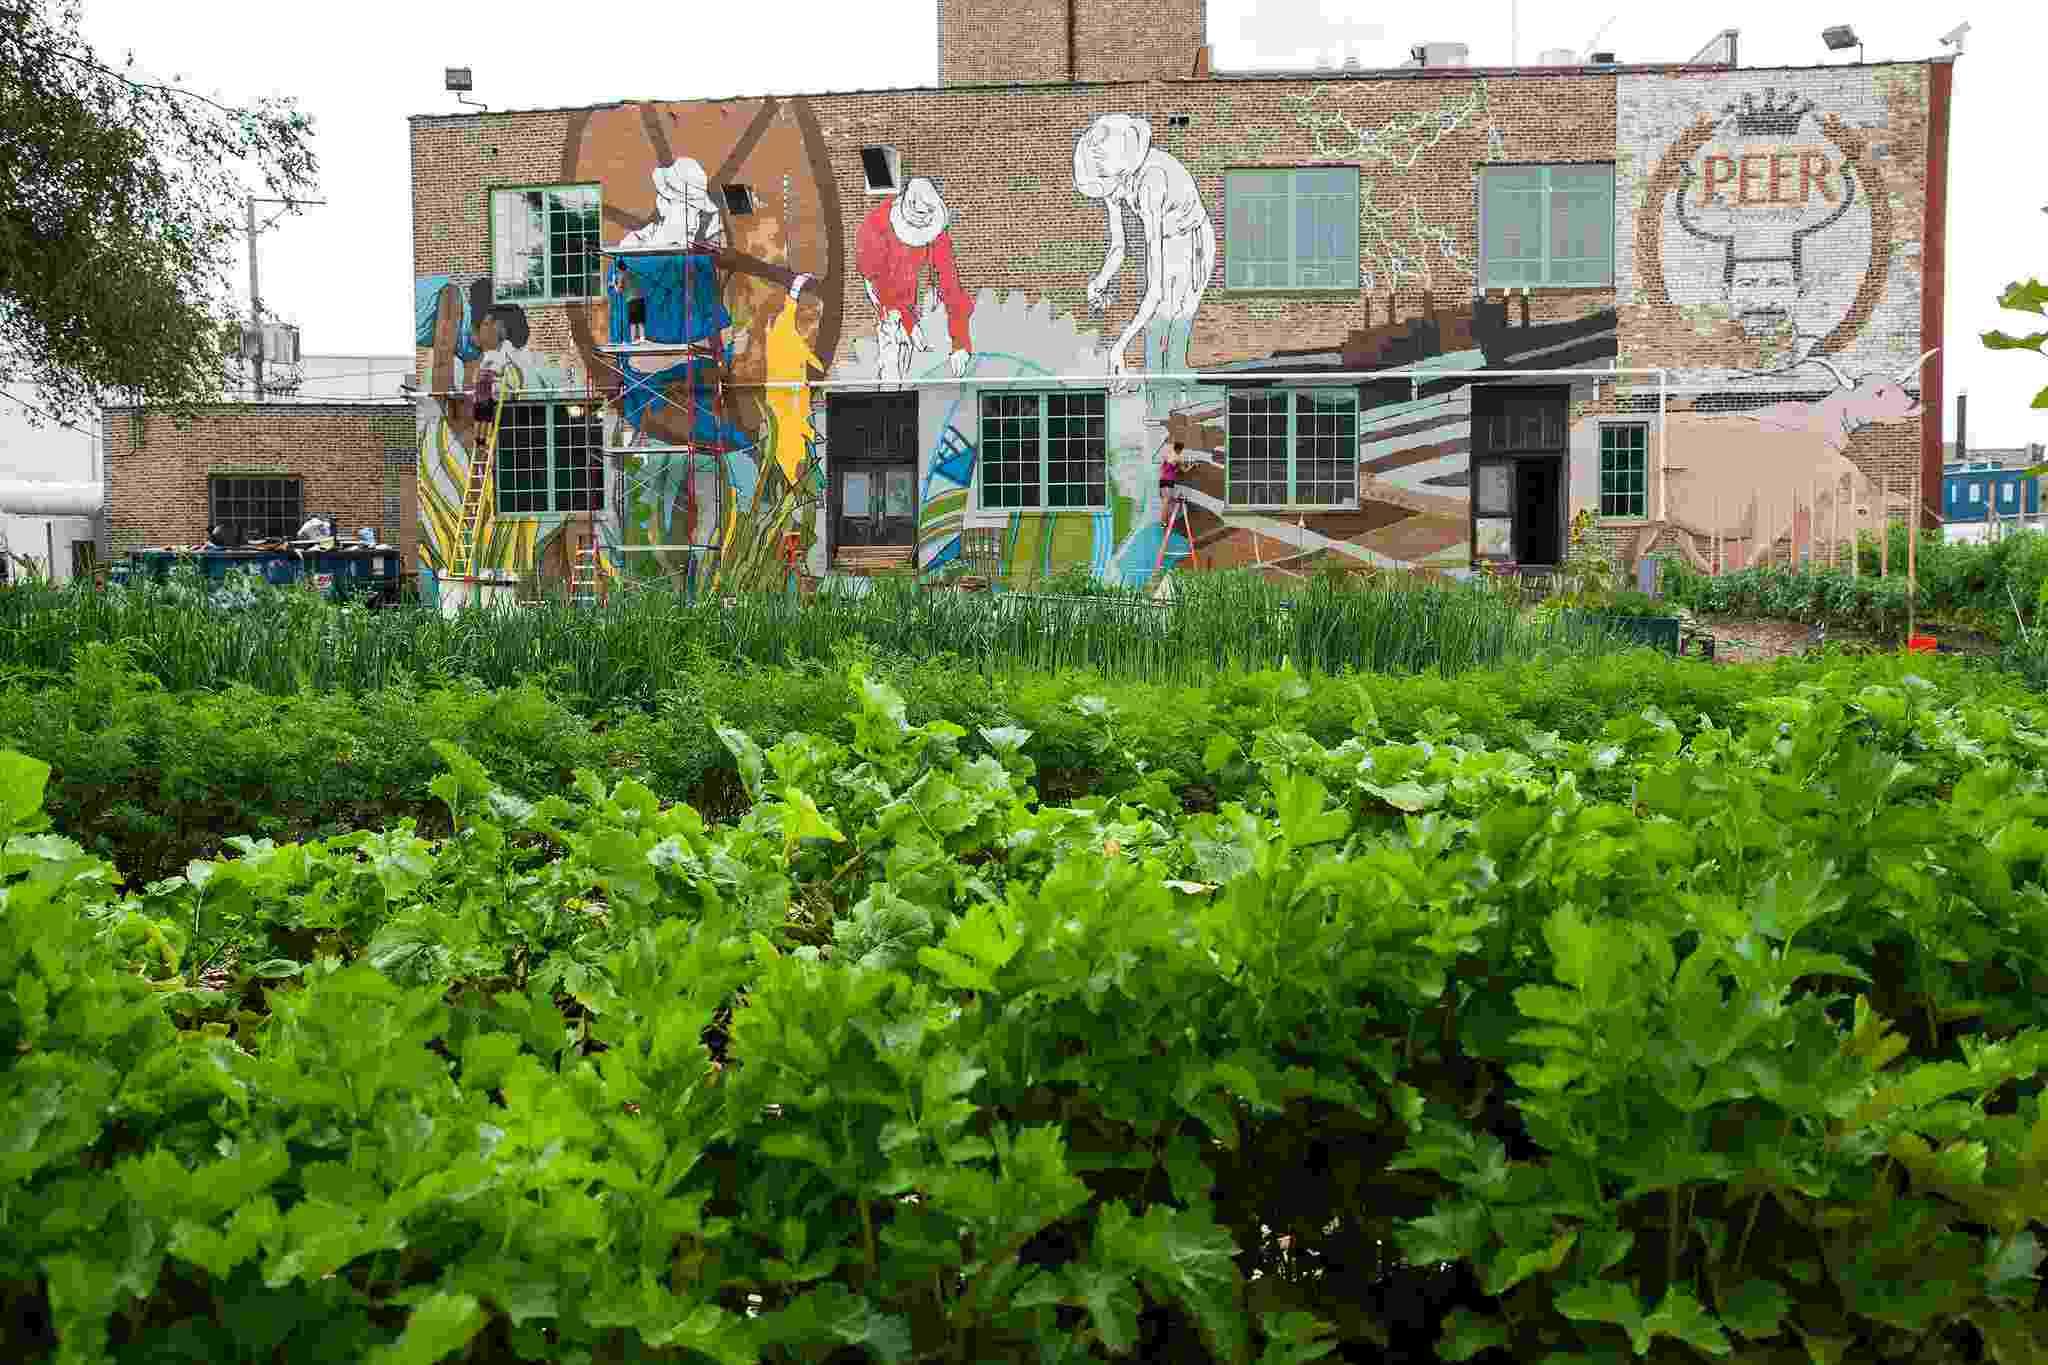 A fazenda urbana vertical que usa restos de alimentos descartados pela população para gerar energia